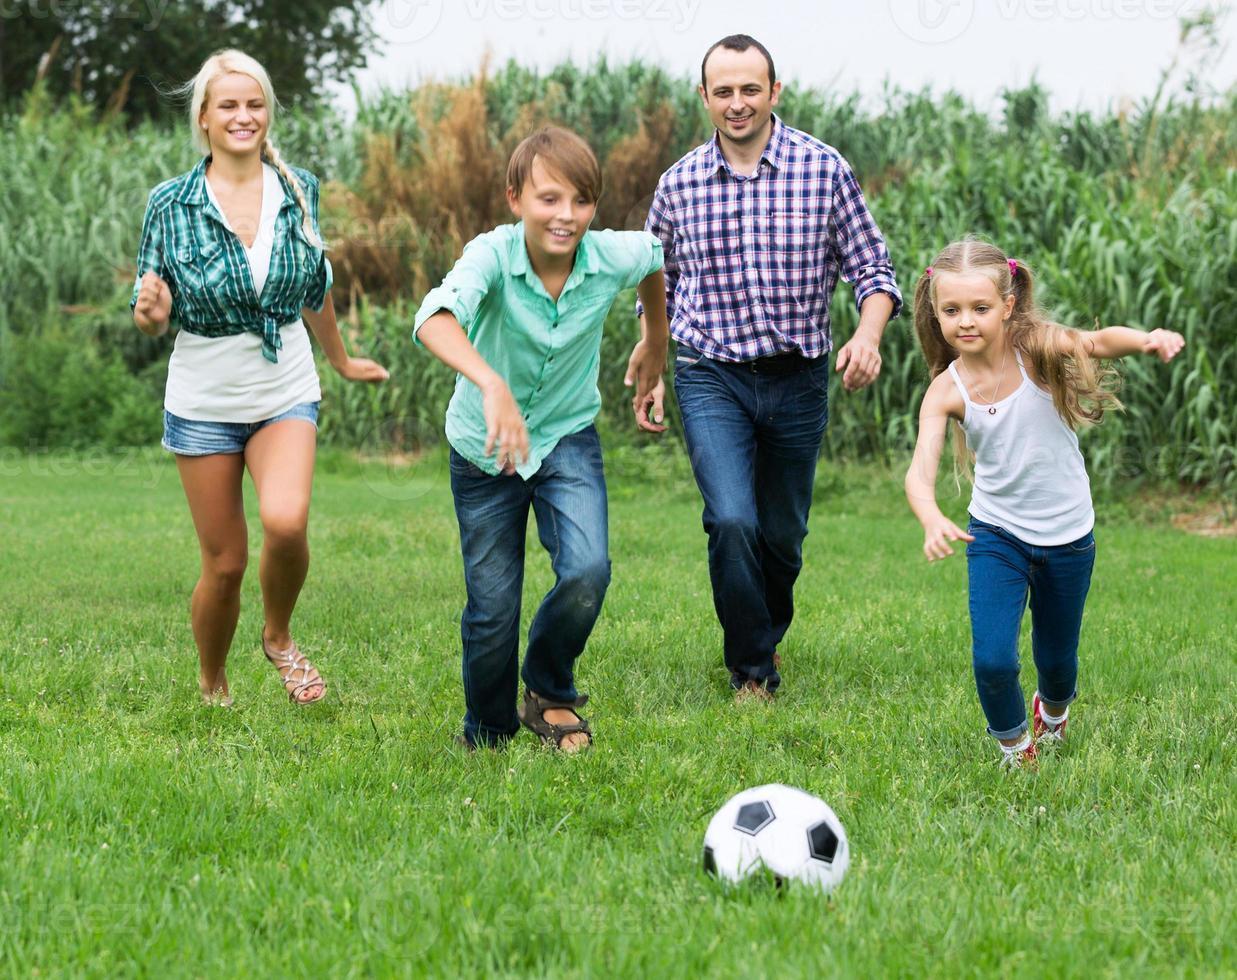 familia alegre corriendo con pelota foto